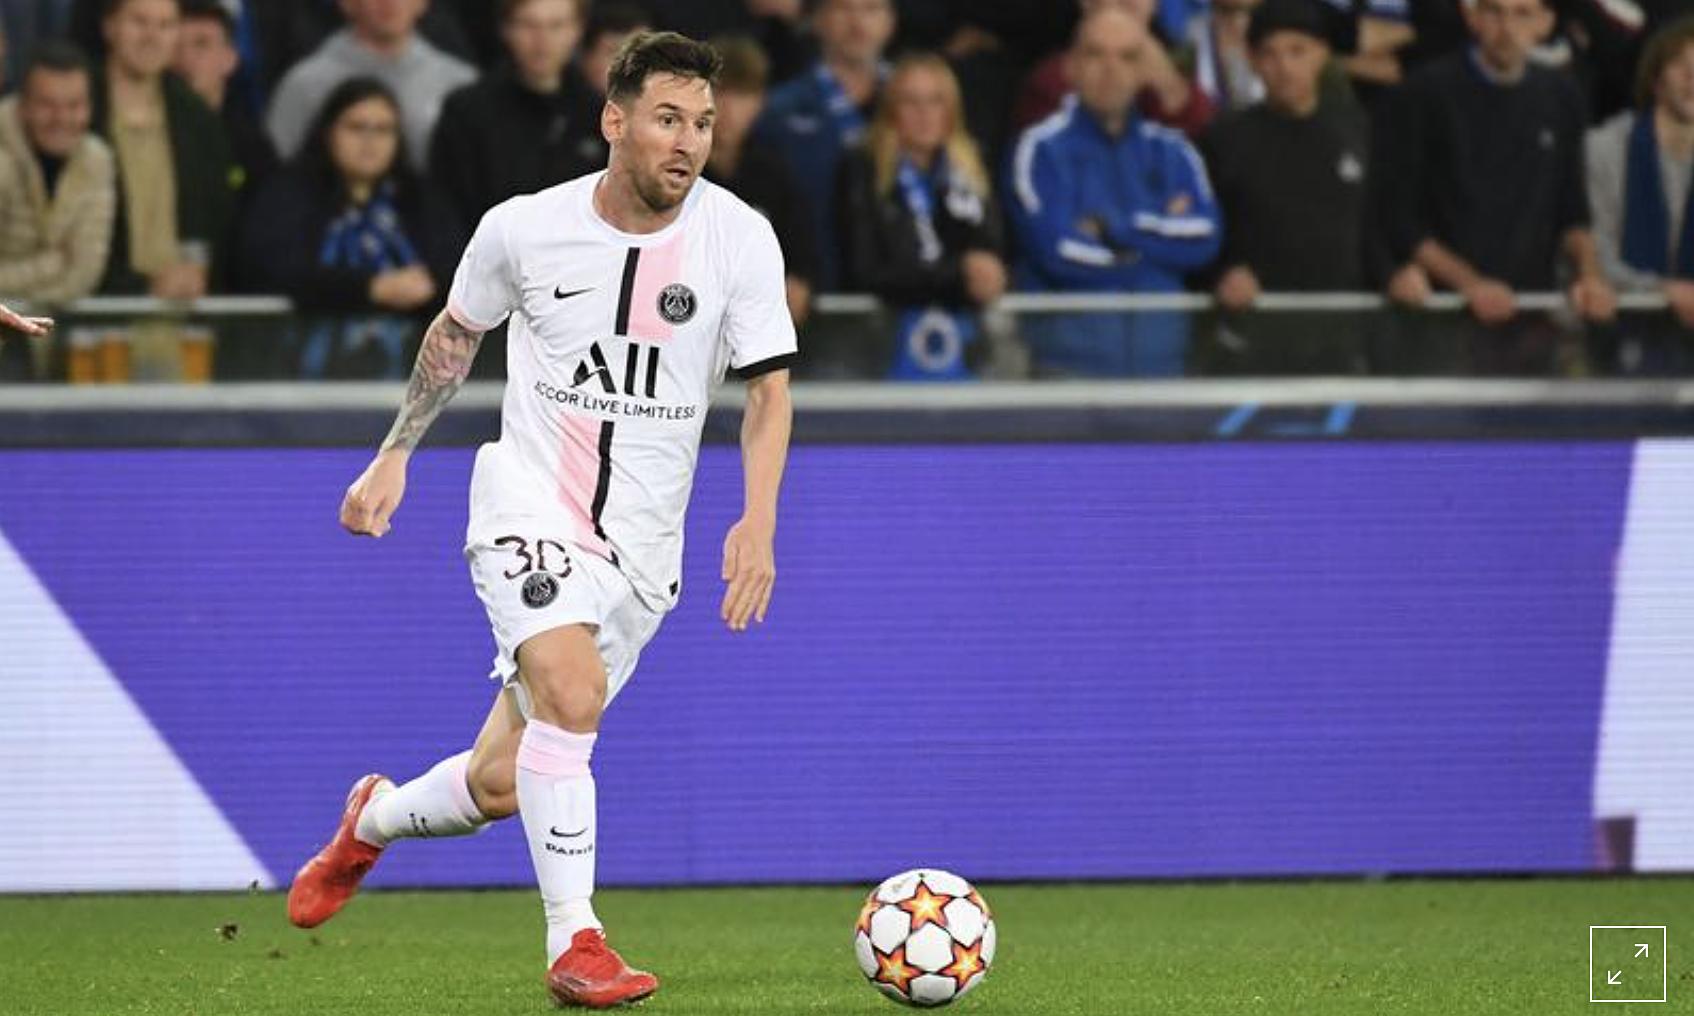 Messi như thường lệ, không di chuyển nhiều trong trận như các đồng đội. Ảnh: Reuters